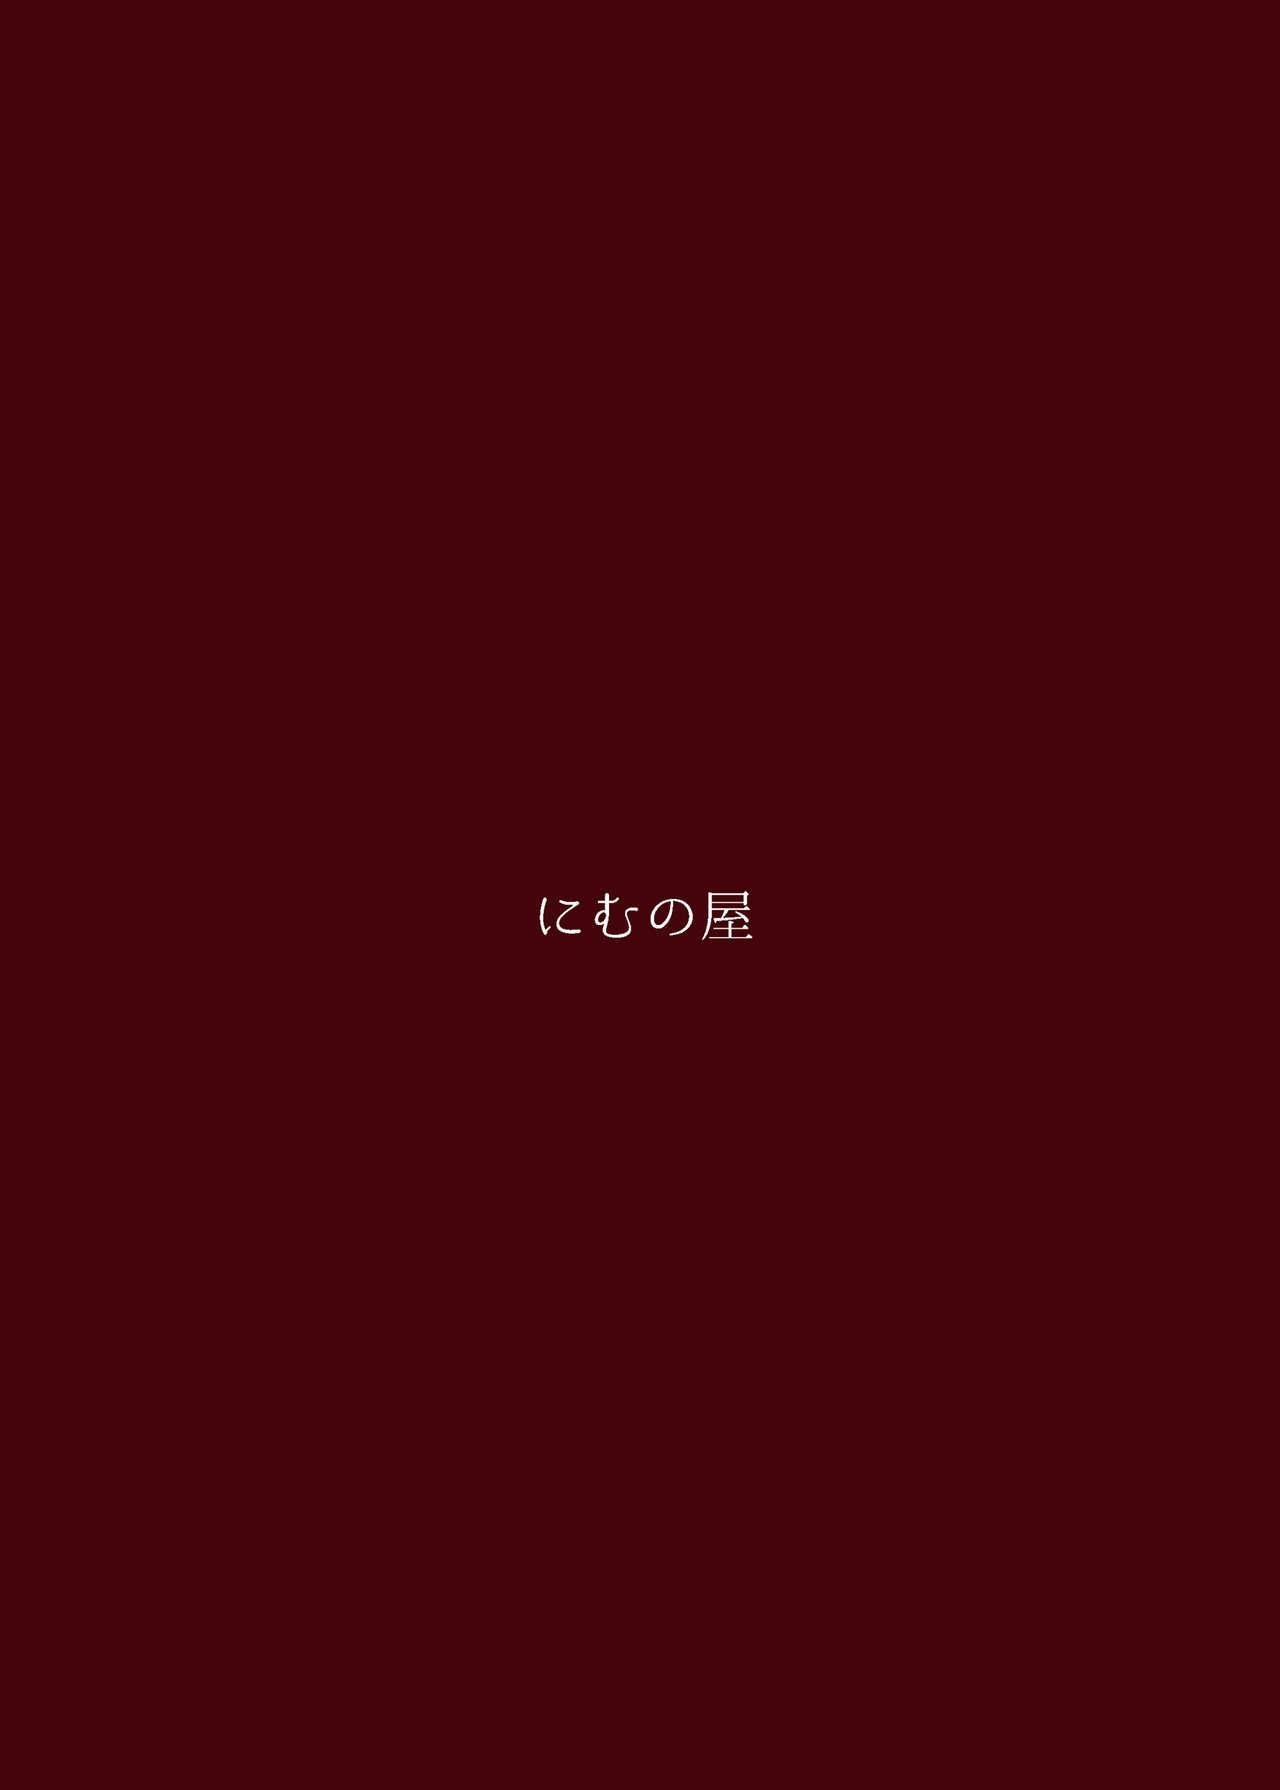 Reiki Ijiri 2 28